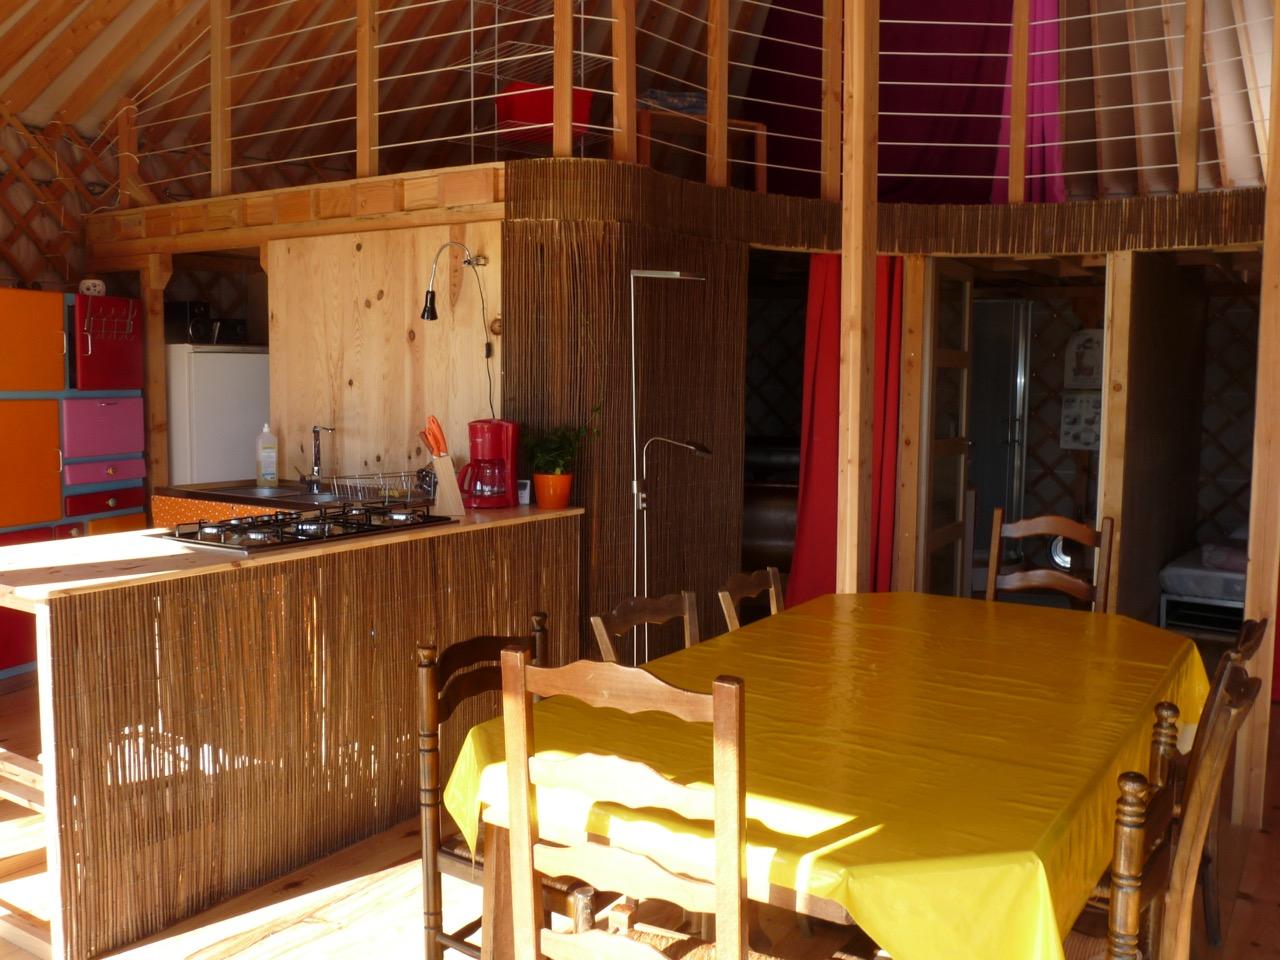 une yourte rt2012 najac. Black Bedroom Furniture Sets. Home Design Ideas